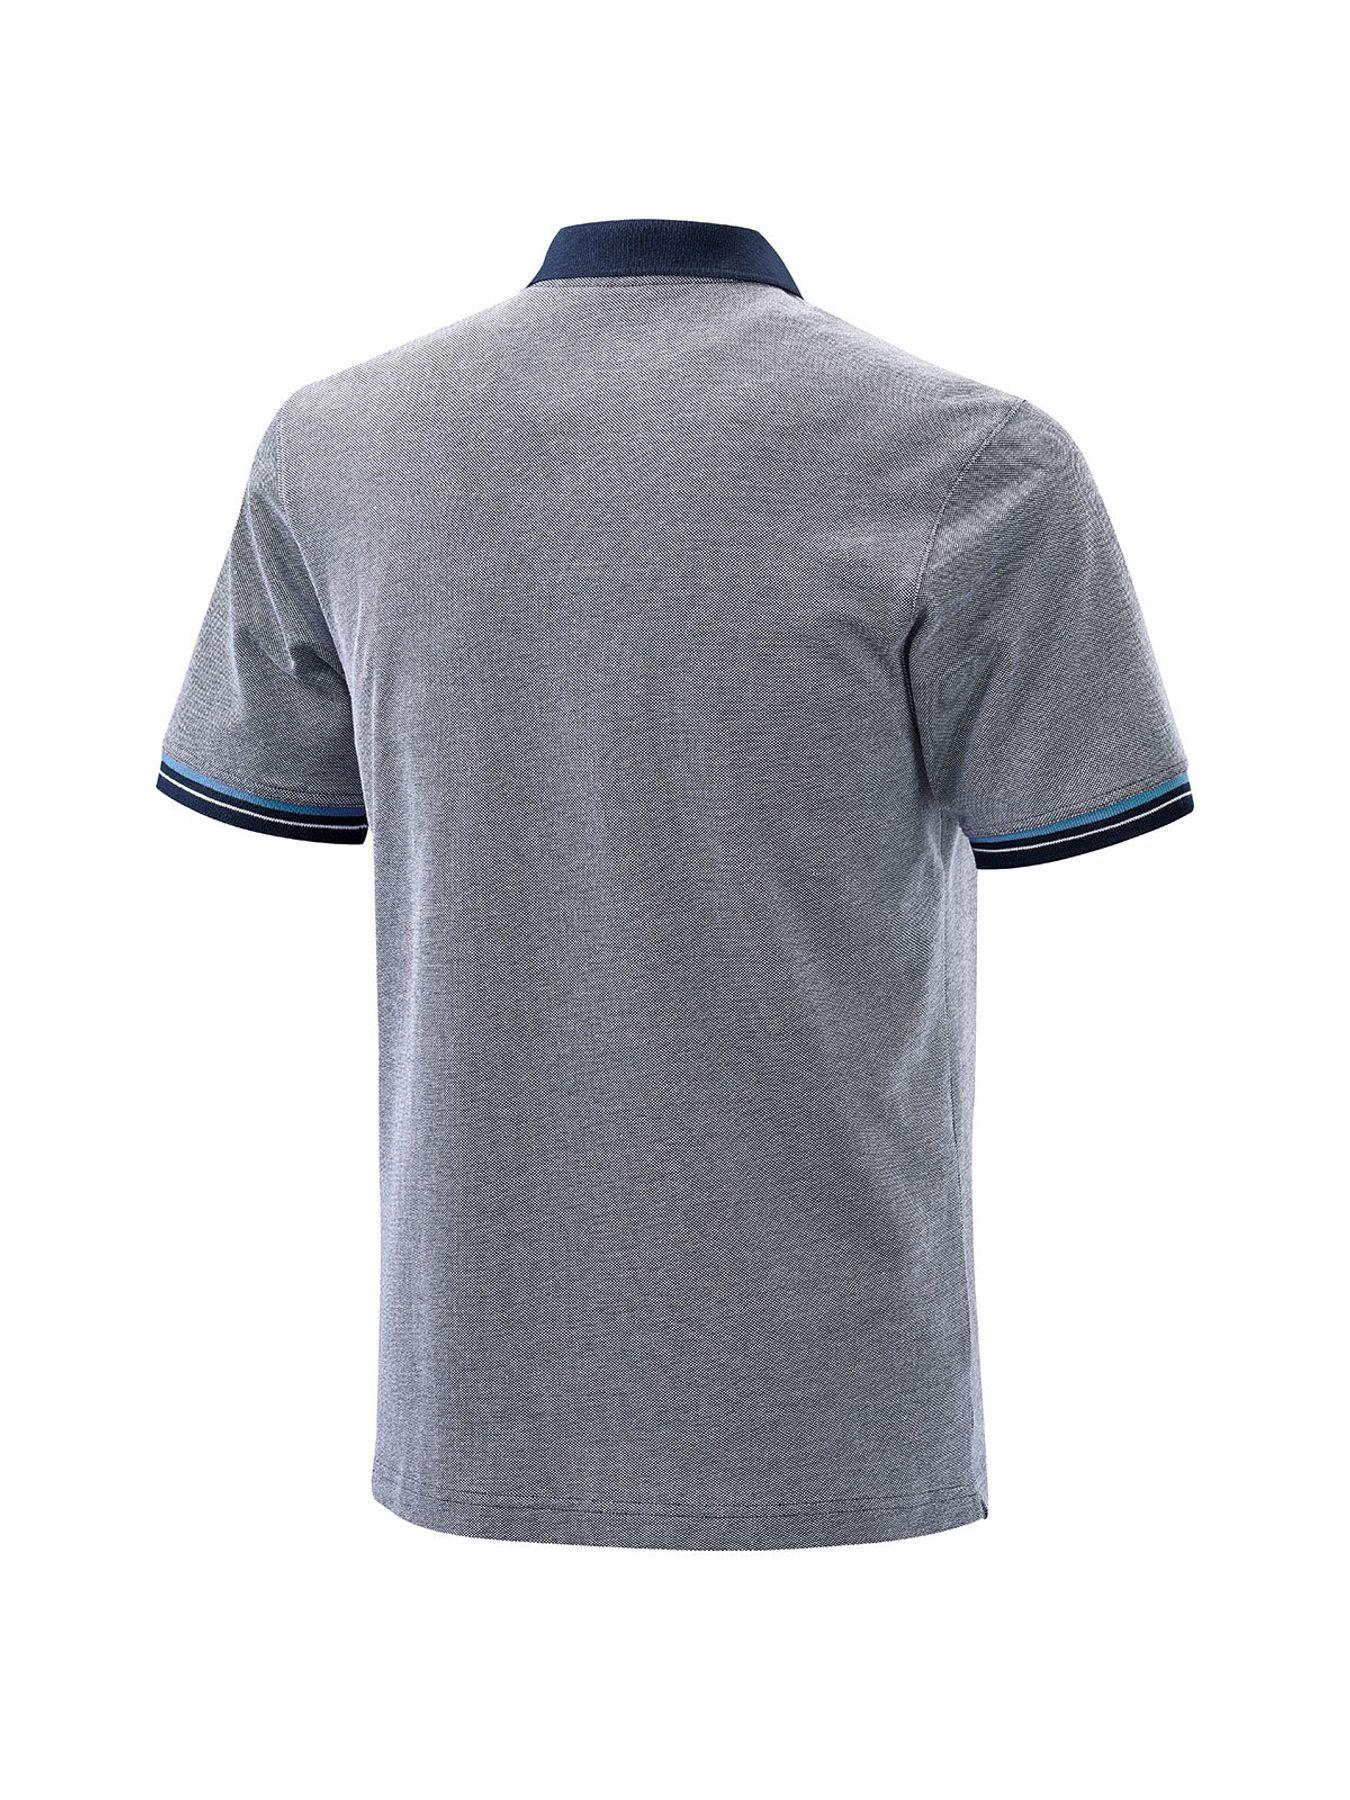 Joy - Herren Sport und Freizeit Poloshirt mit Brusttasche, Ingo (40191 A) – Bild 12